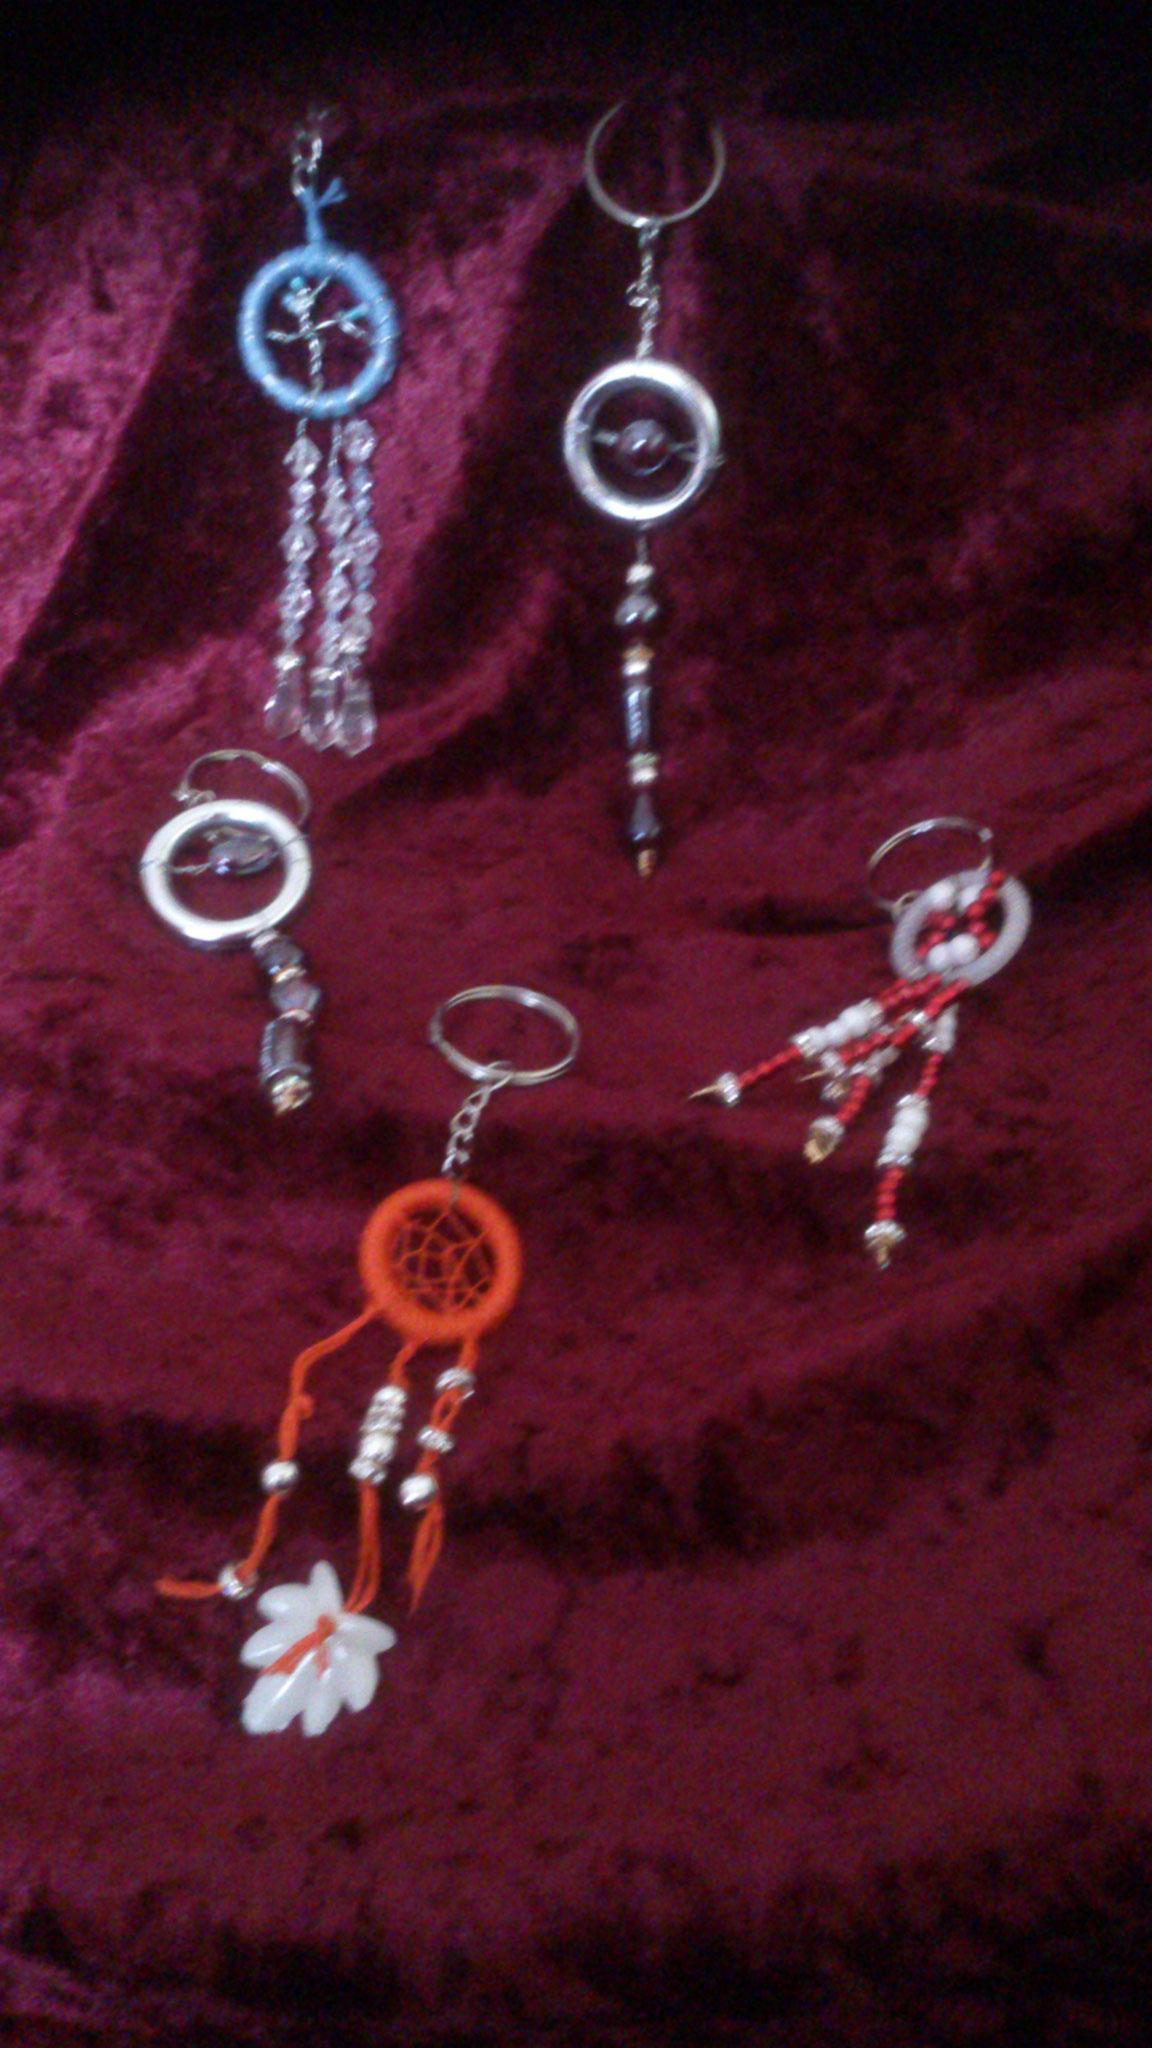 Schlüsselanhänger in verschiedenen Variationen